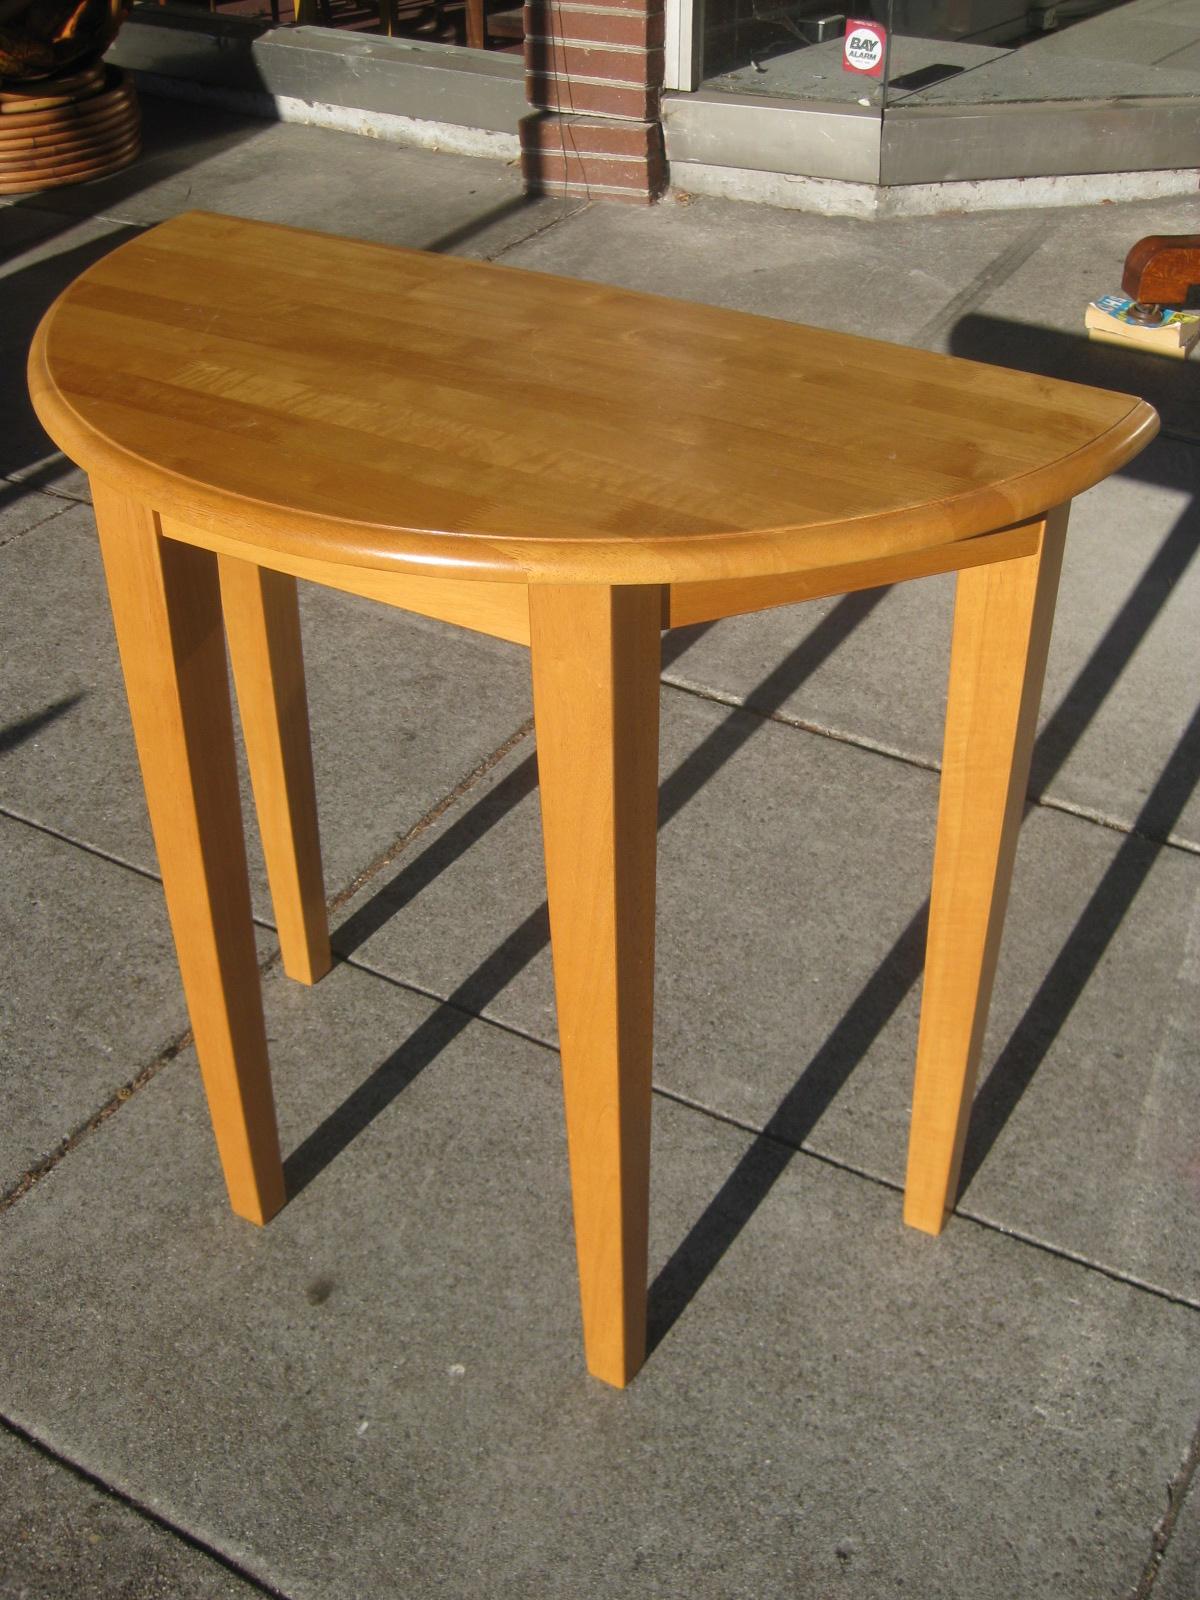 Uhuru furniture collectibles sold half moon entry table 50 - Half moon entry tables ...